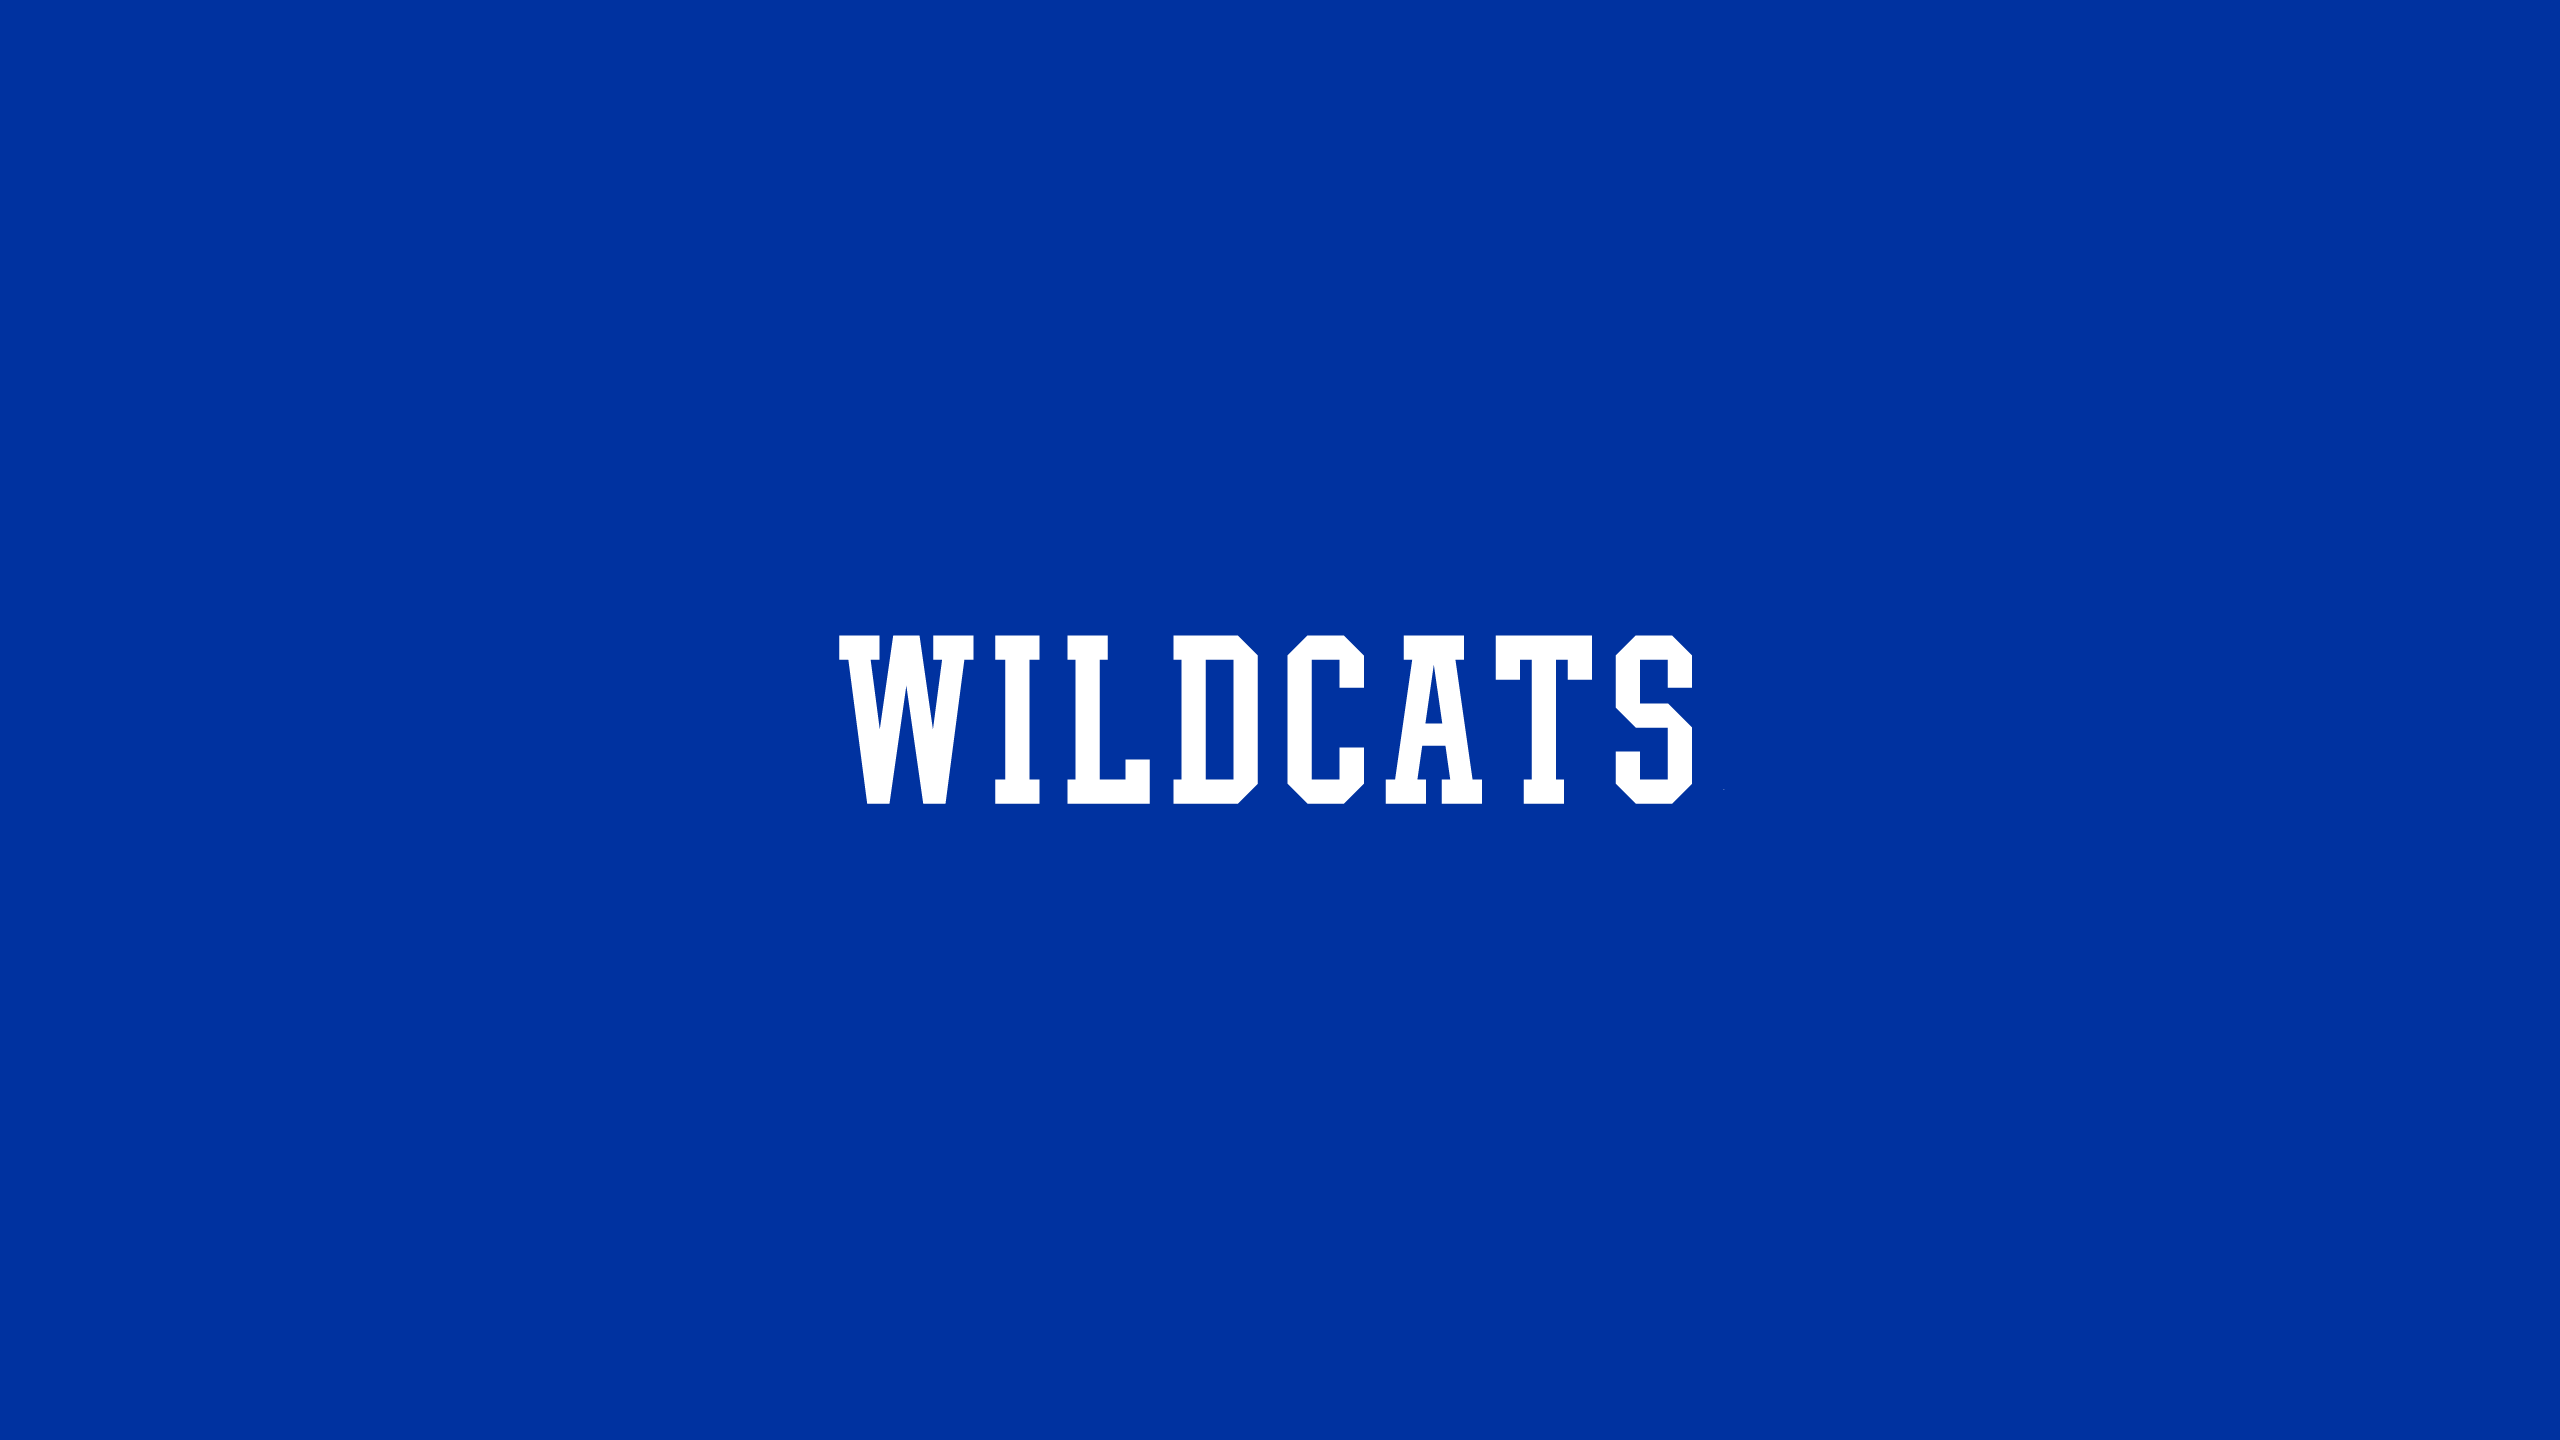 University of Kentucky Wildcats